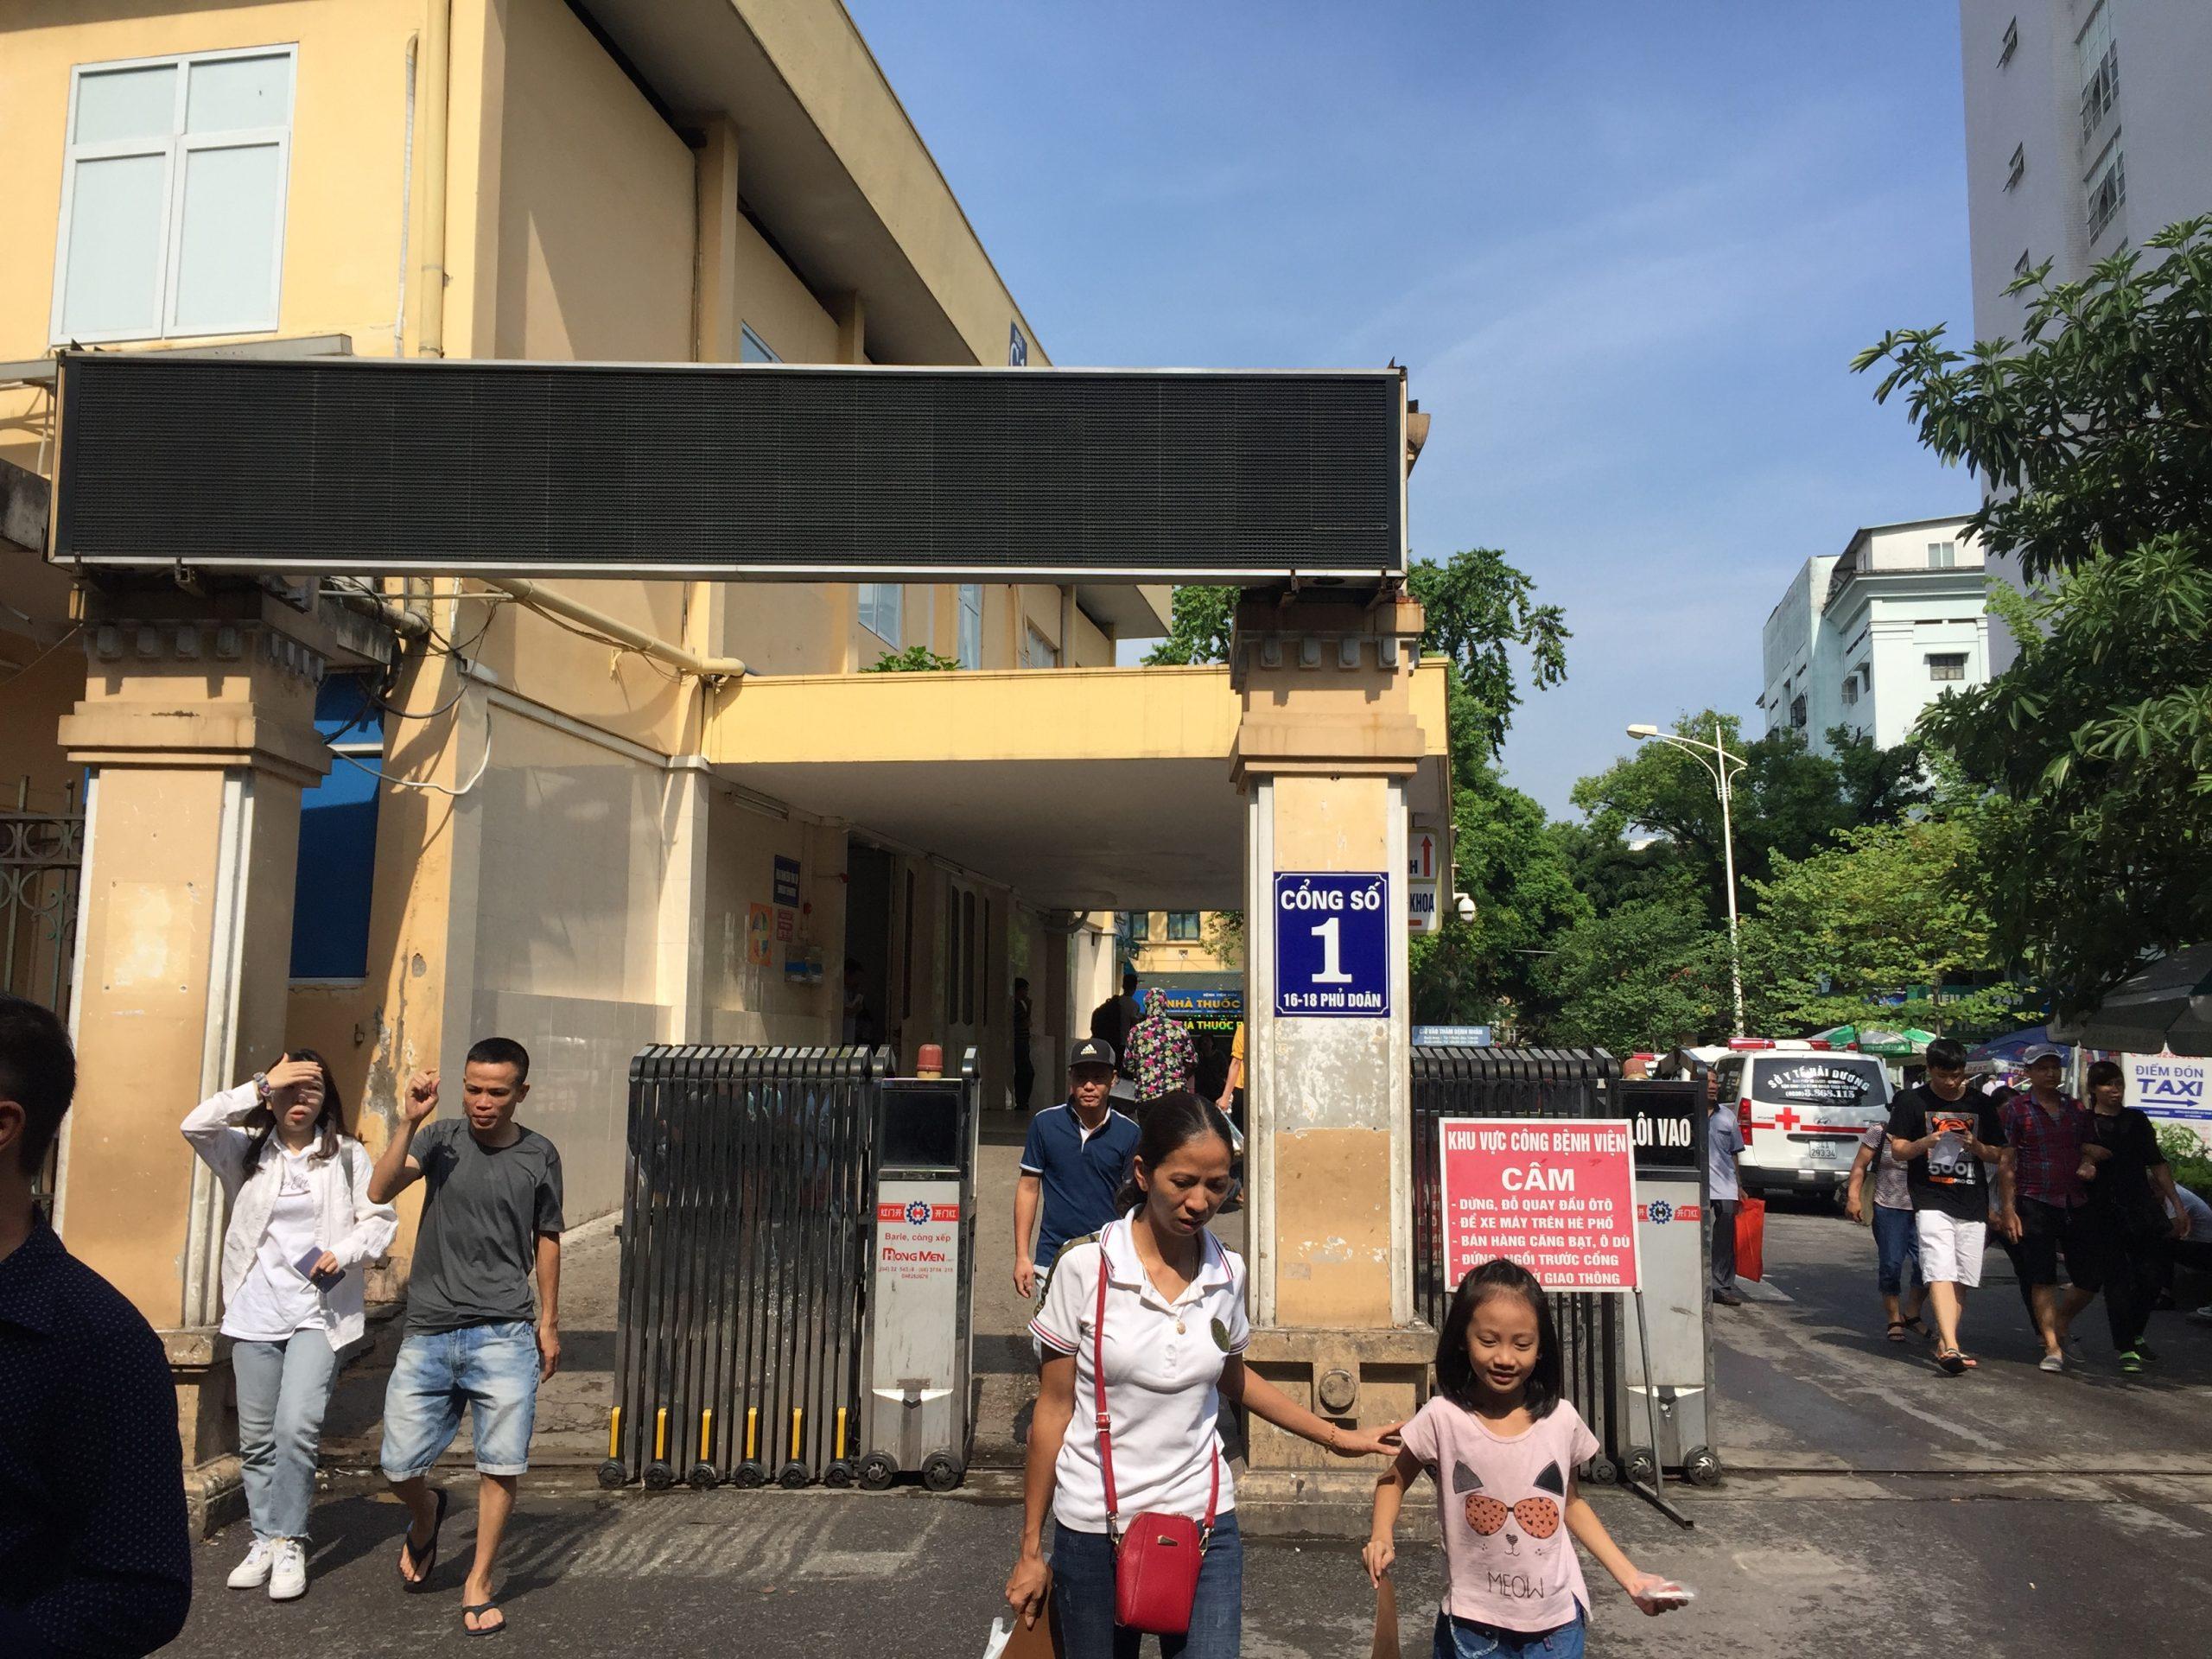 Sửa chữa cổng xếp điện Bệnh viện Việt Đức